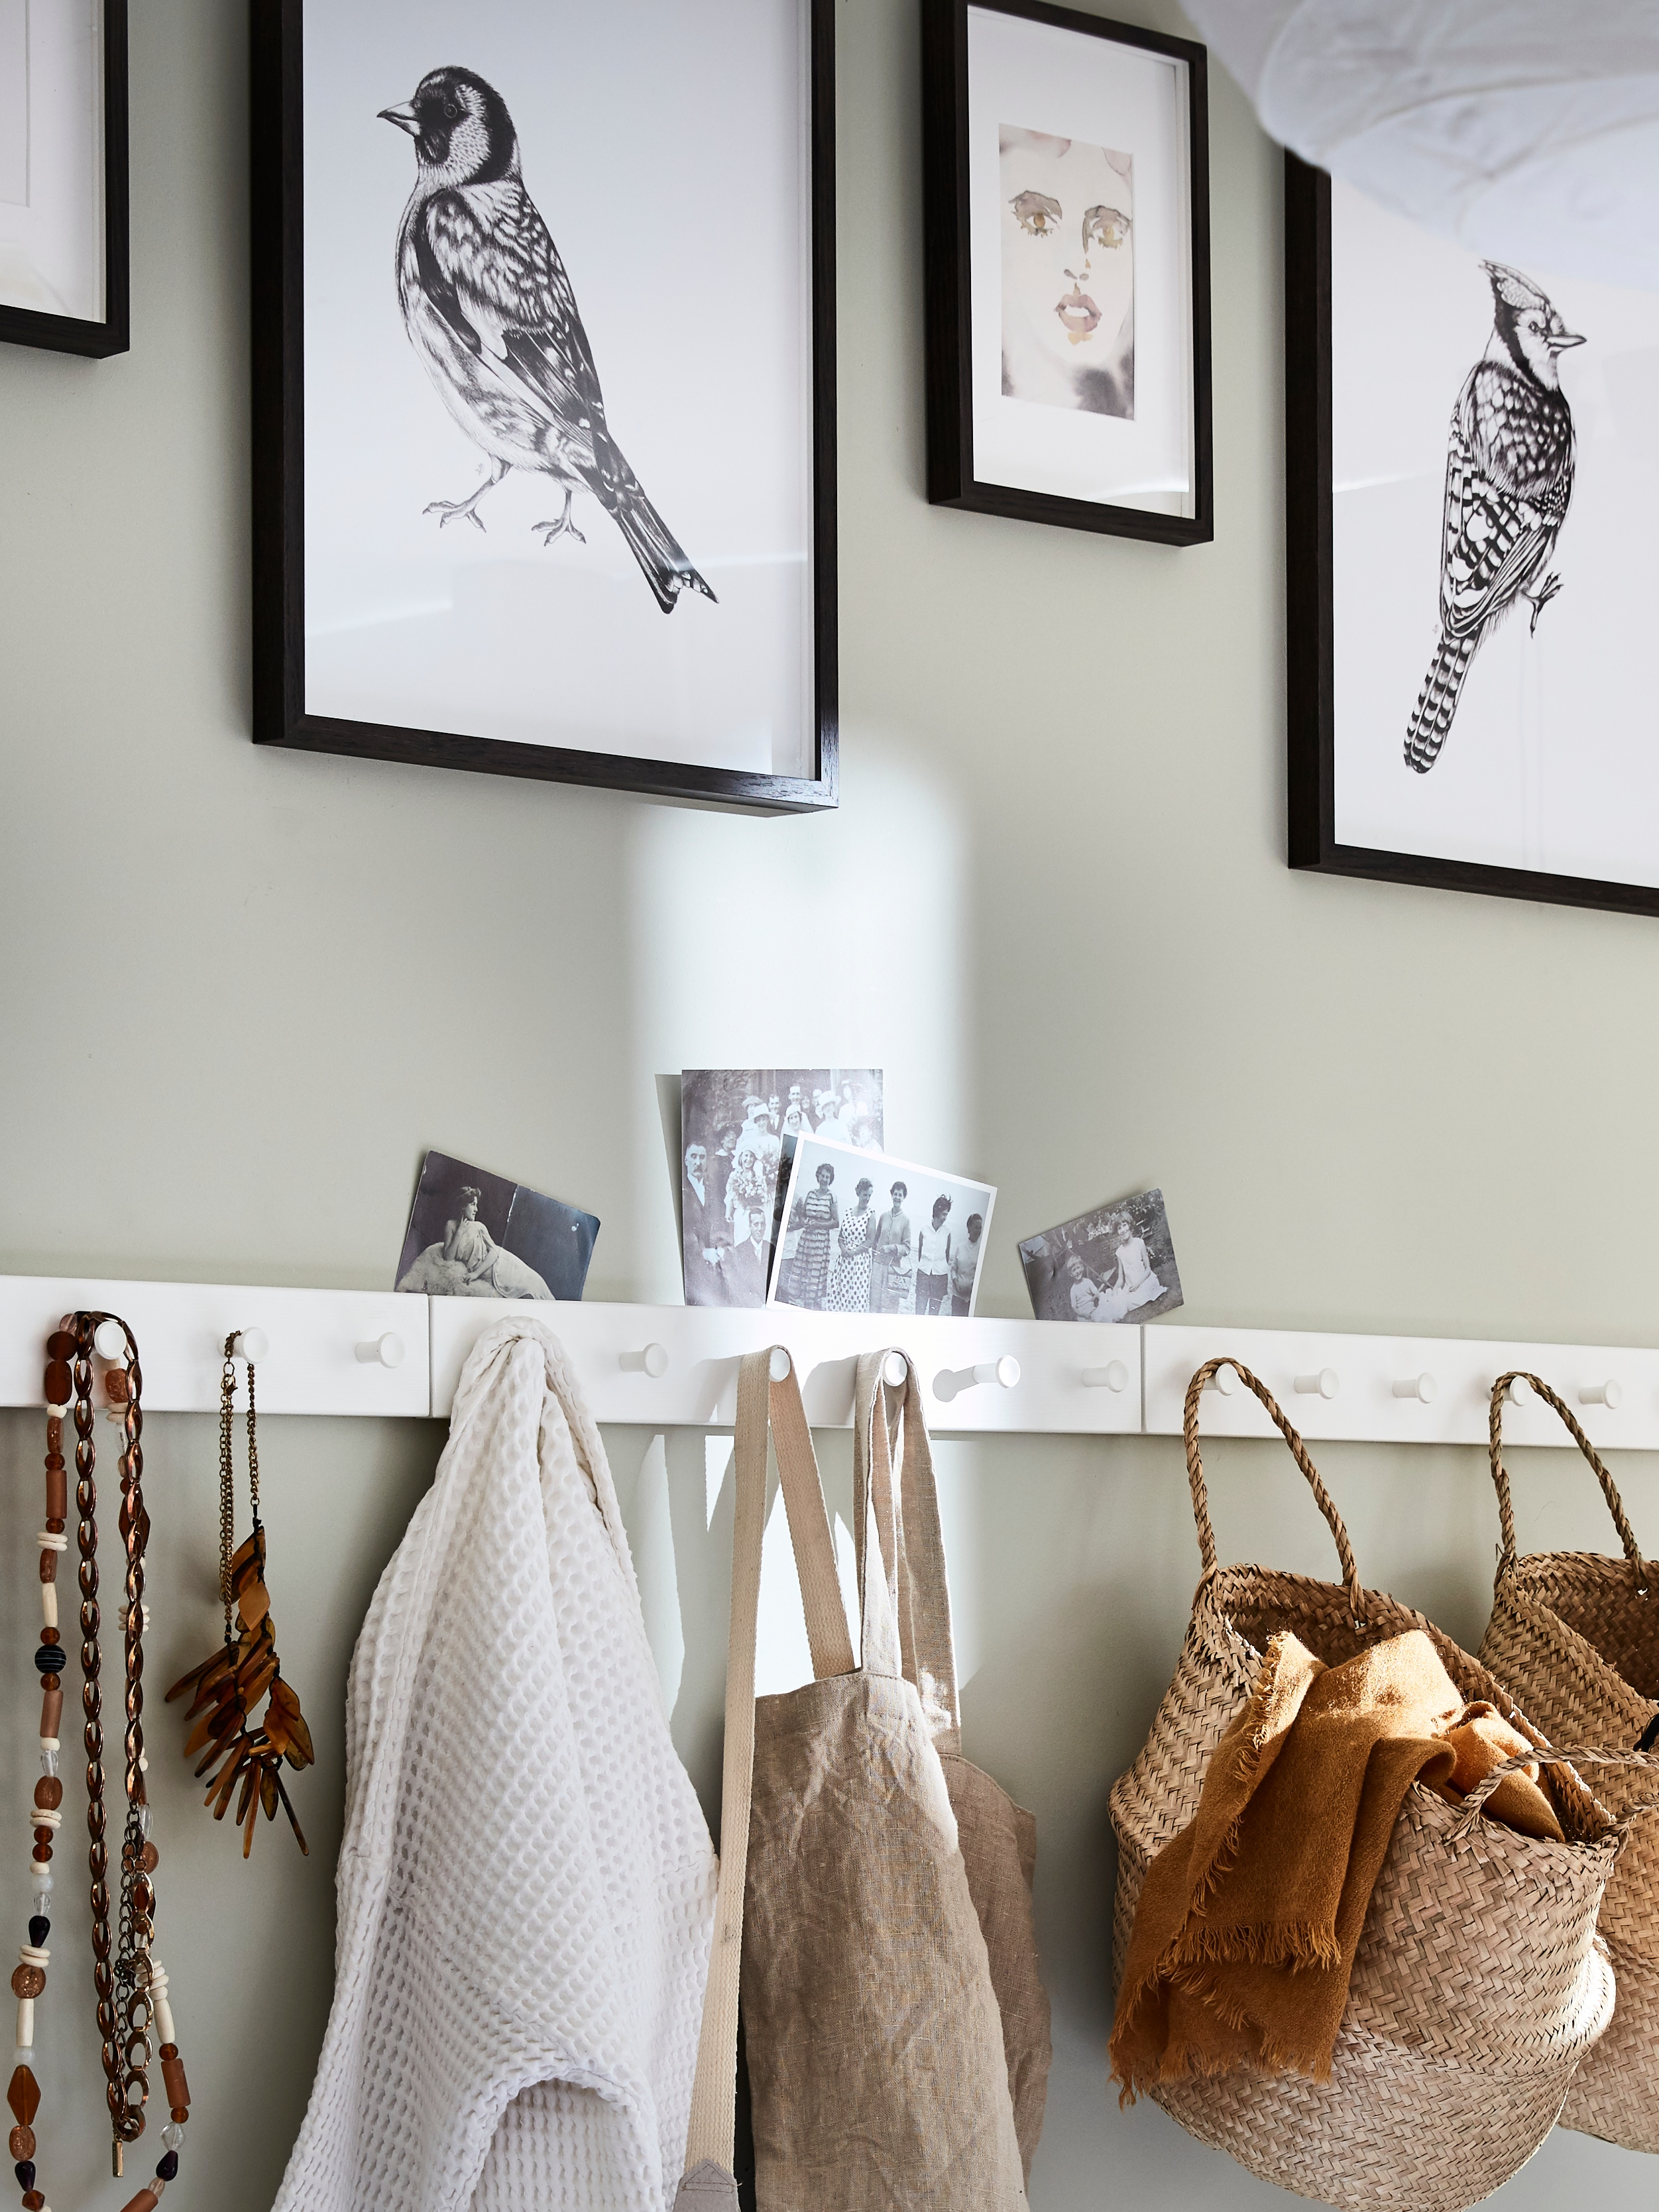 Tri bijele LURT/GUBBARP vješalice s okruglim kukama postavljene jedna do druge na zid s košarama i ogrlicama koje vise na njima.